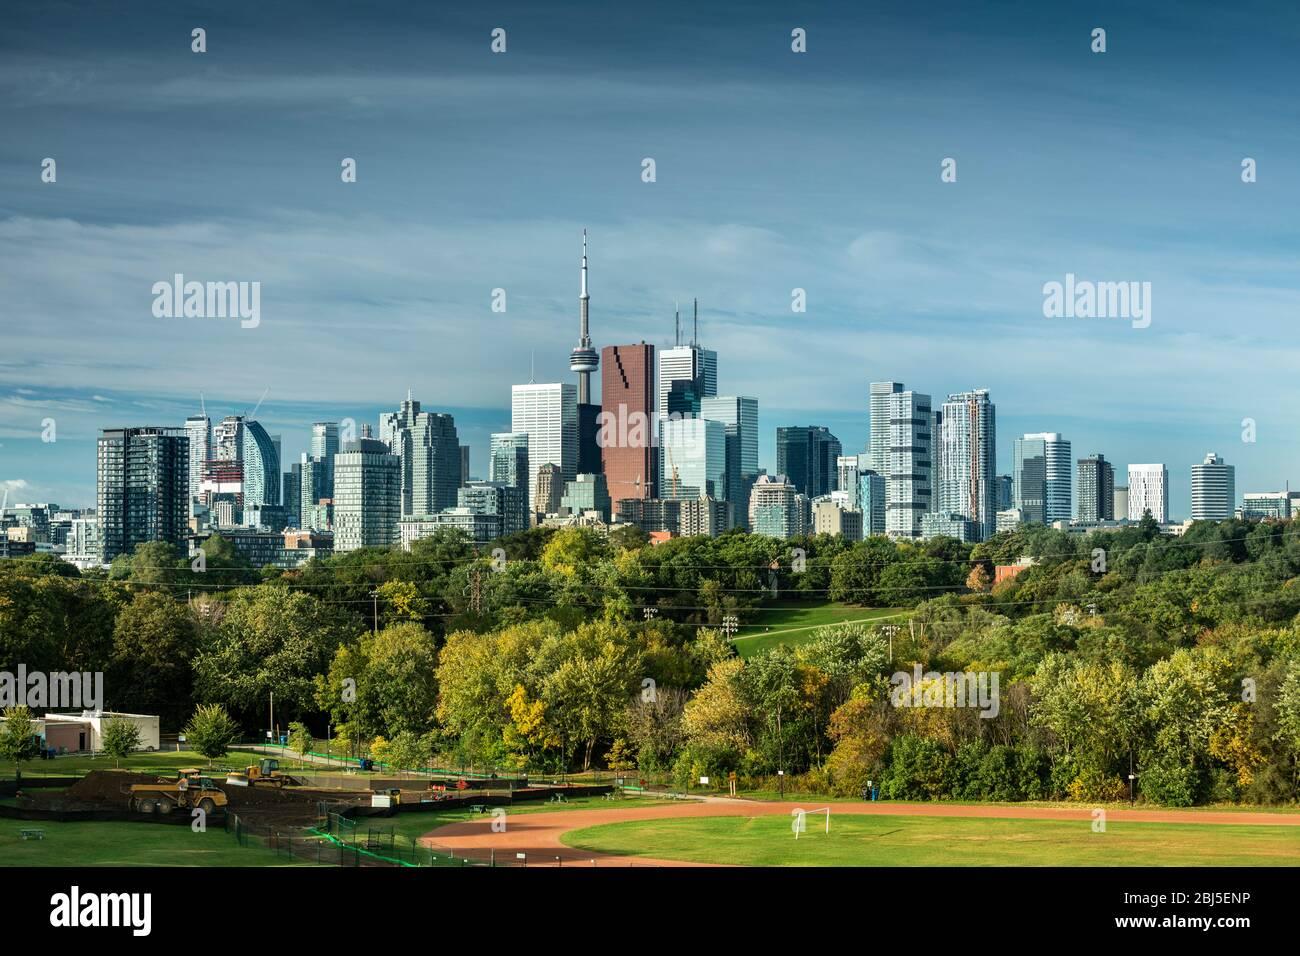 Vue sur la ville du centre-ville de Toronto Canada sur le parc Riverdale en Ontario, Canada Banque D'Images